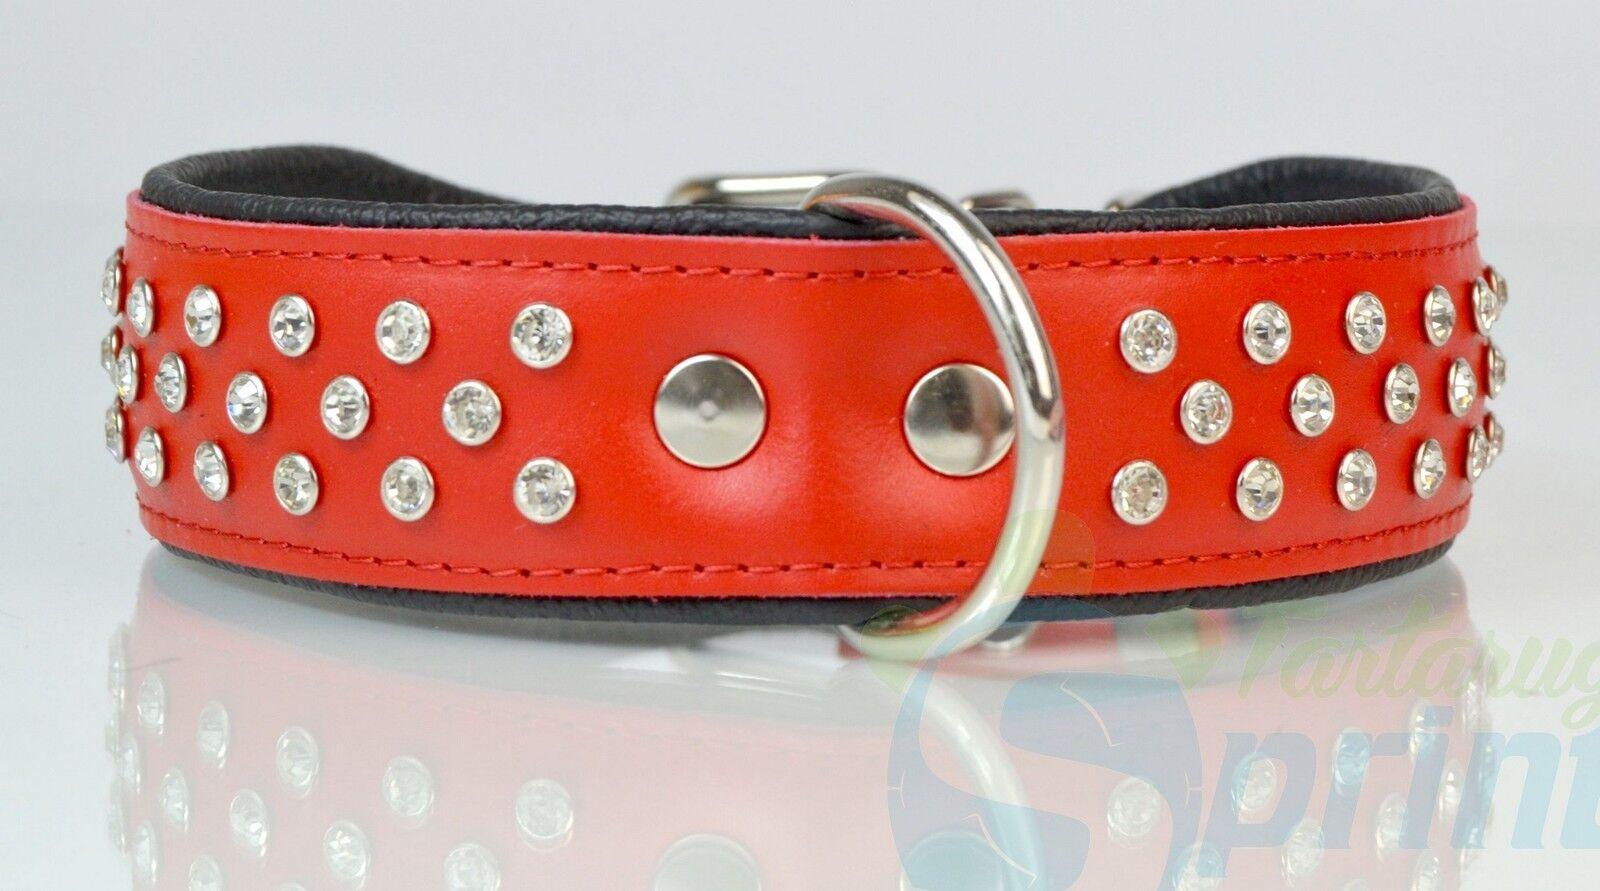 COLLAR DECORATED WITH CRYSTAL collare per cani in pelle decorato con cristalli